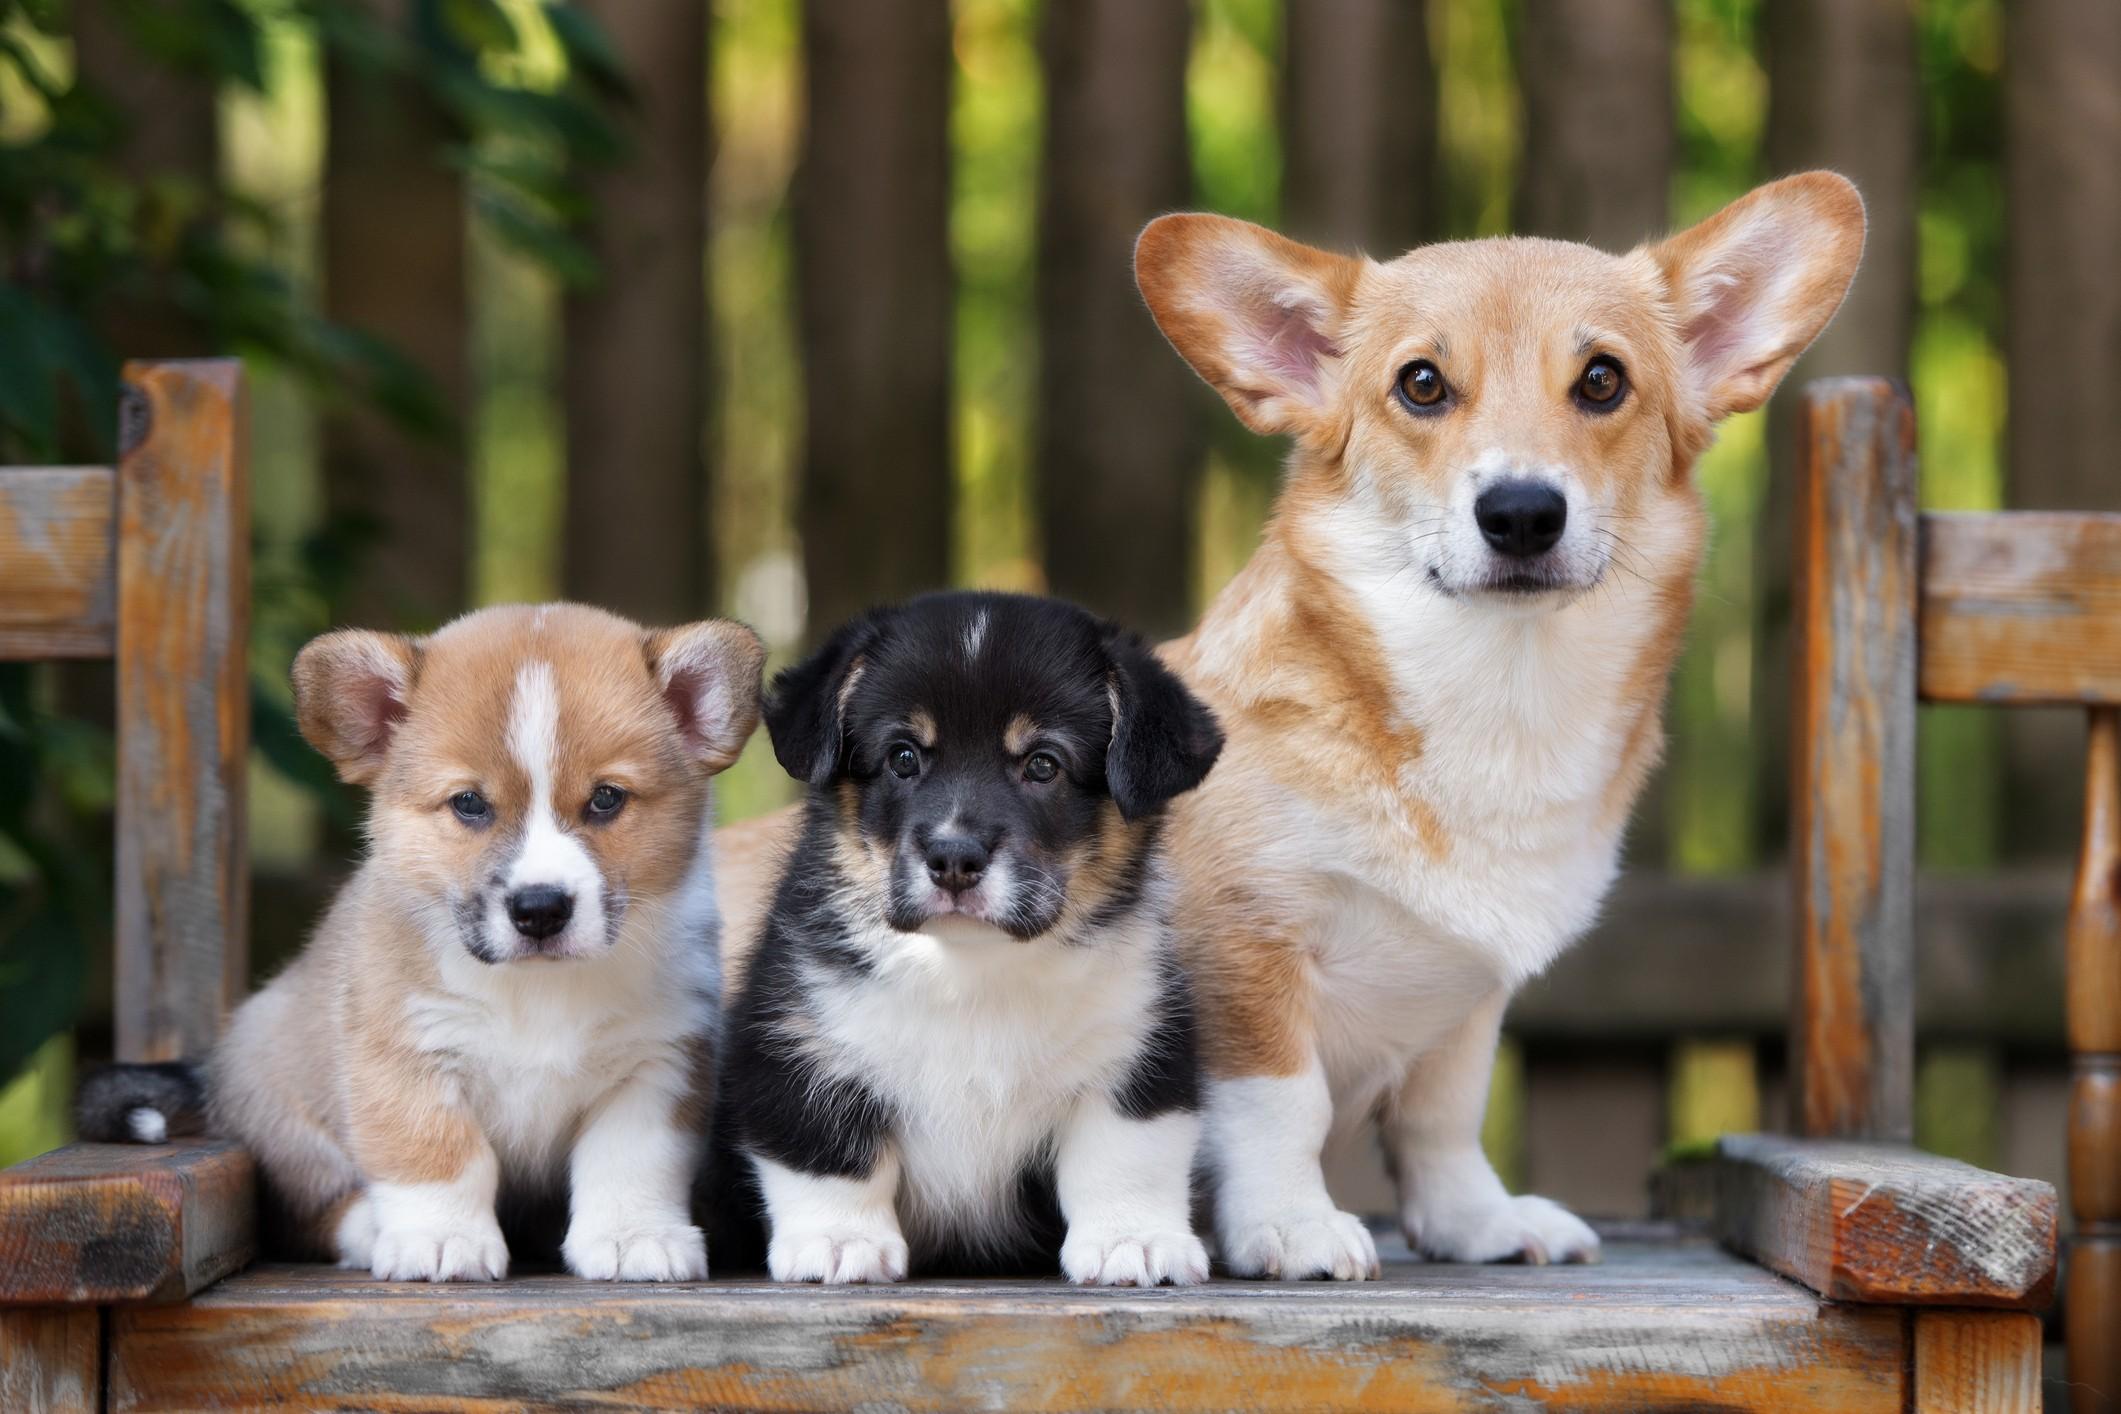 Corgi and puppies